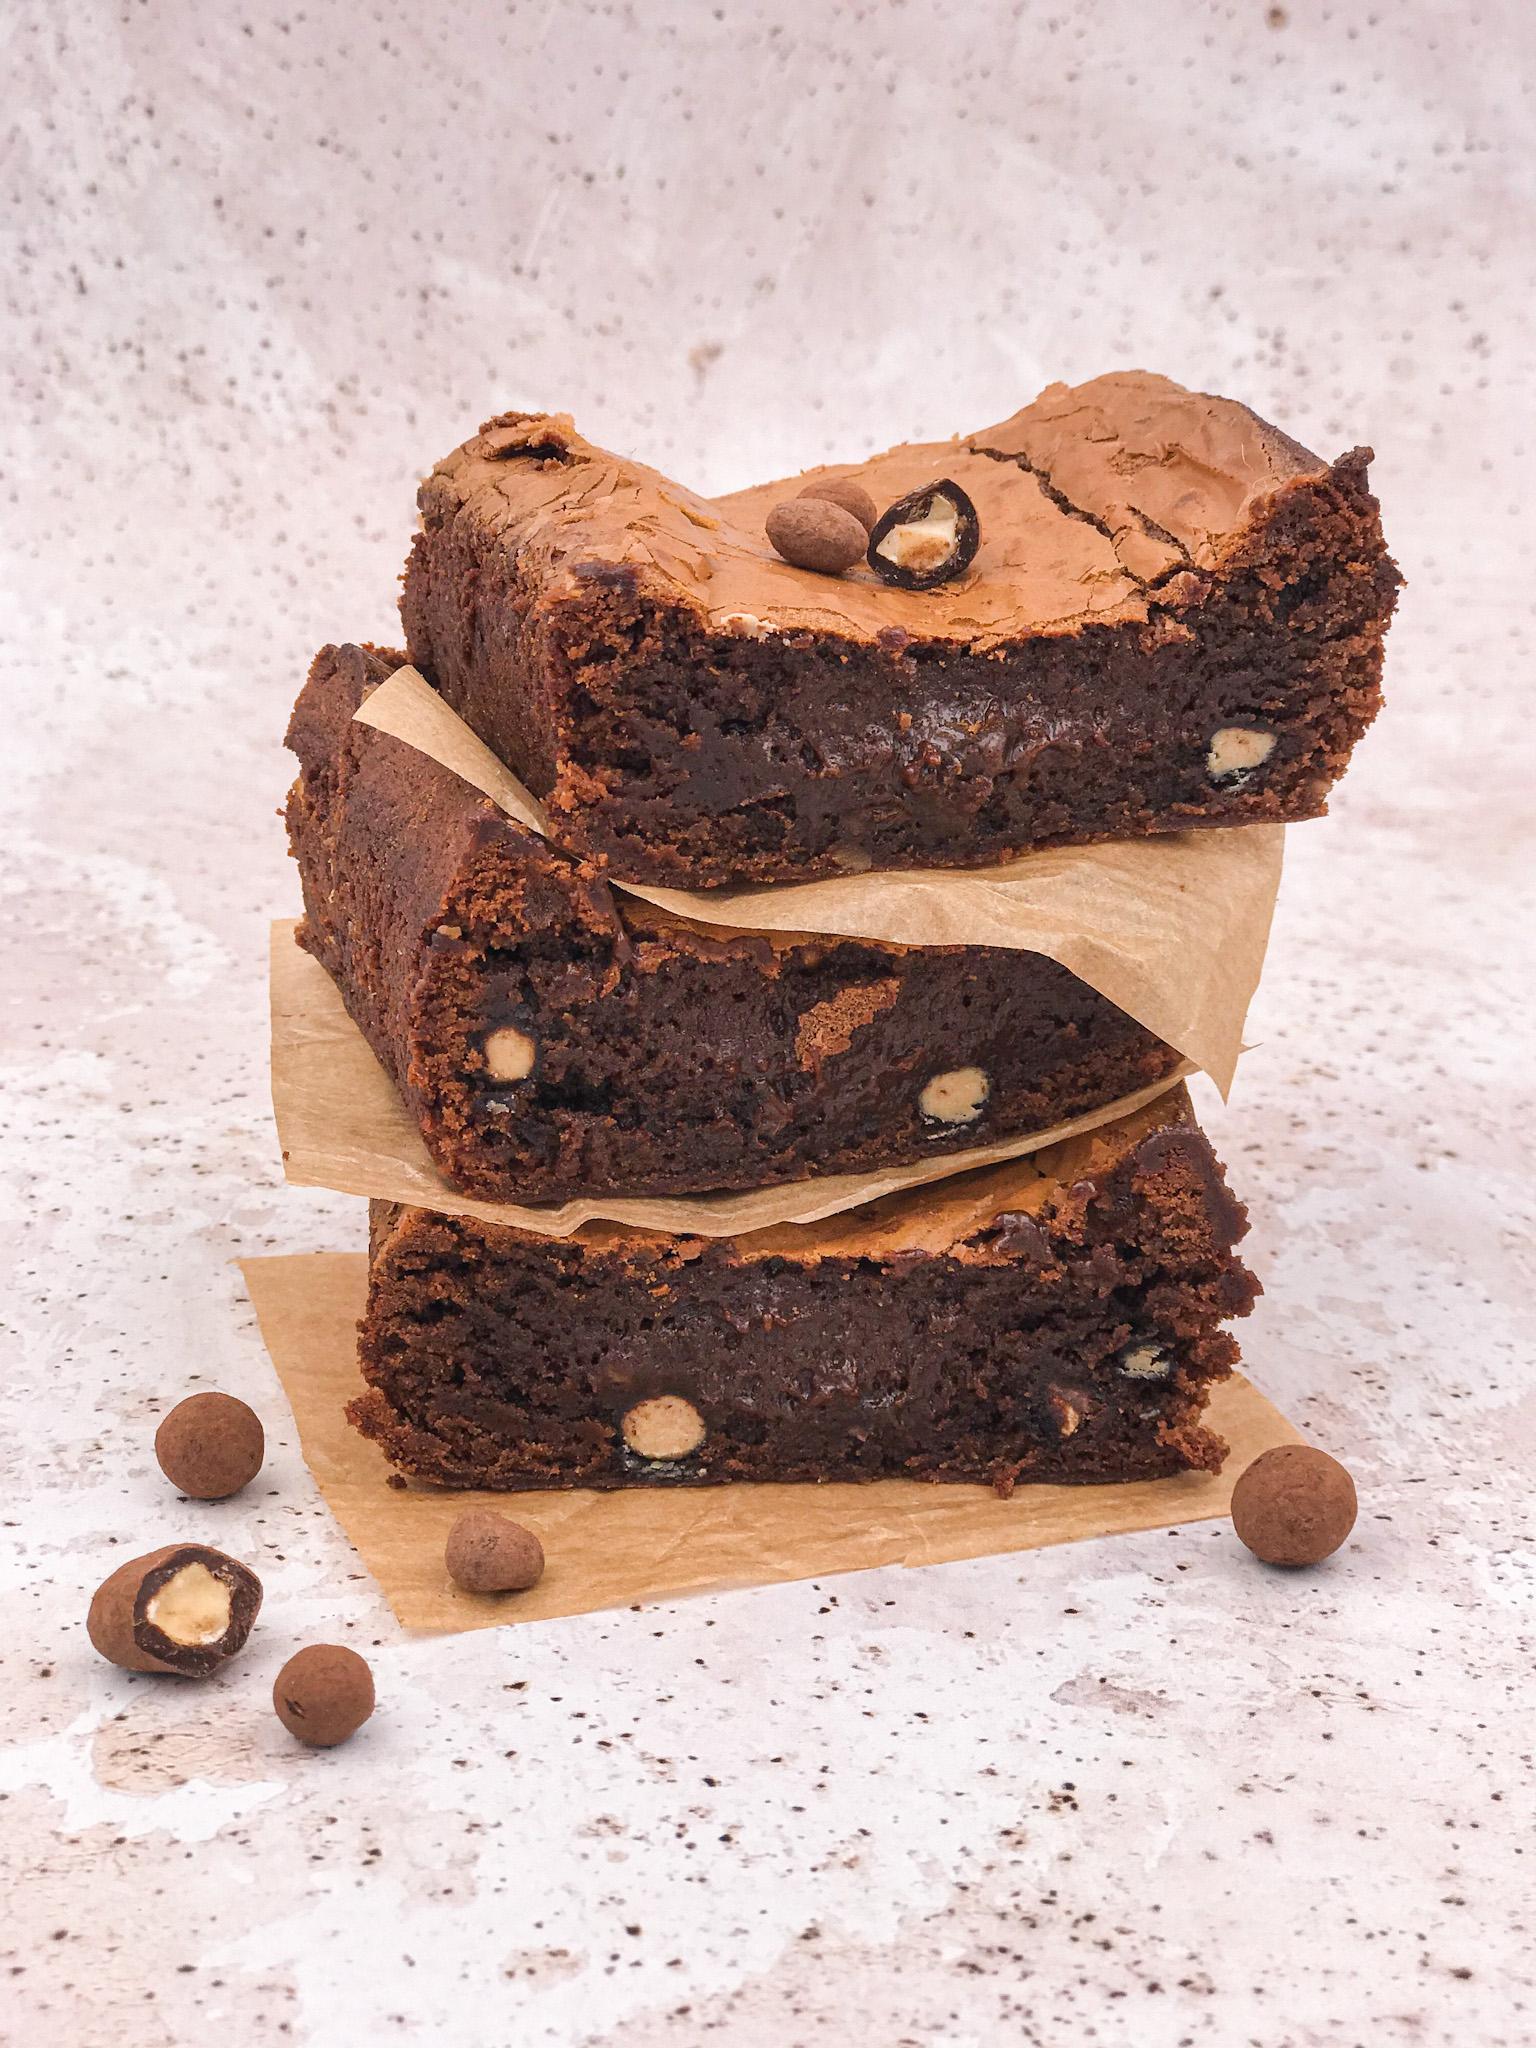 labelaure journal de confinement recettes spécial chocolat brownie tout chocolat fait maison restez chez vous stay home #onapplaudit